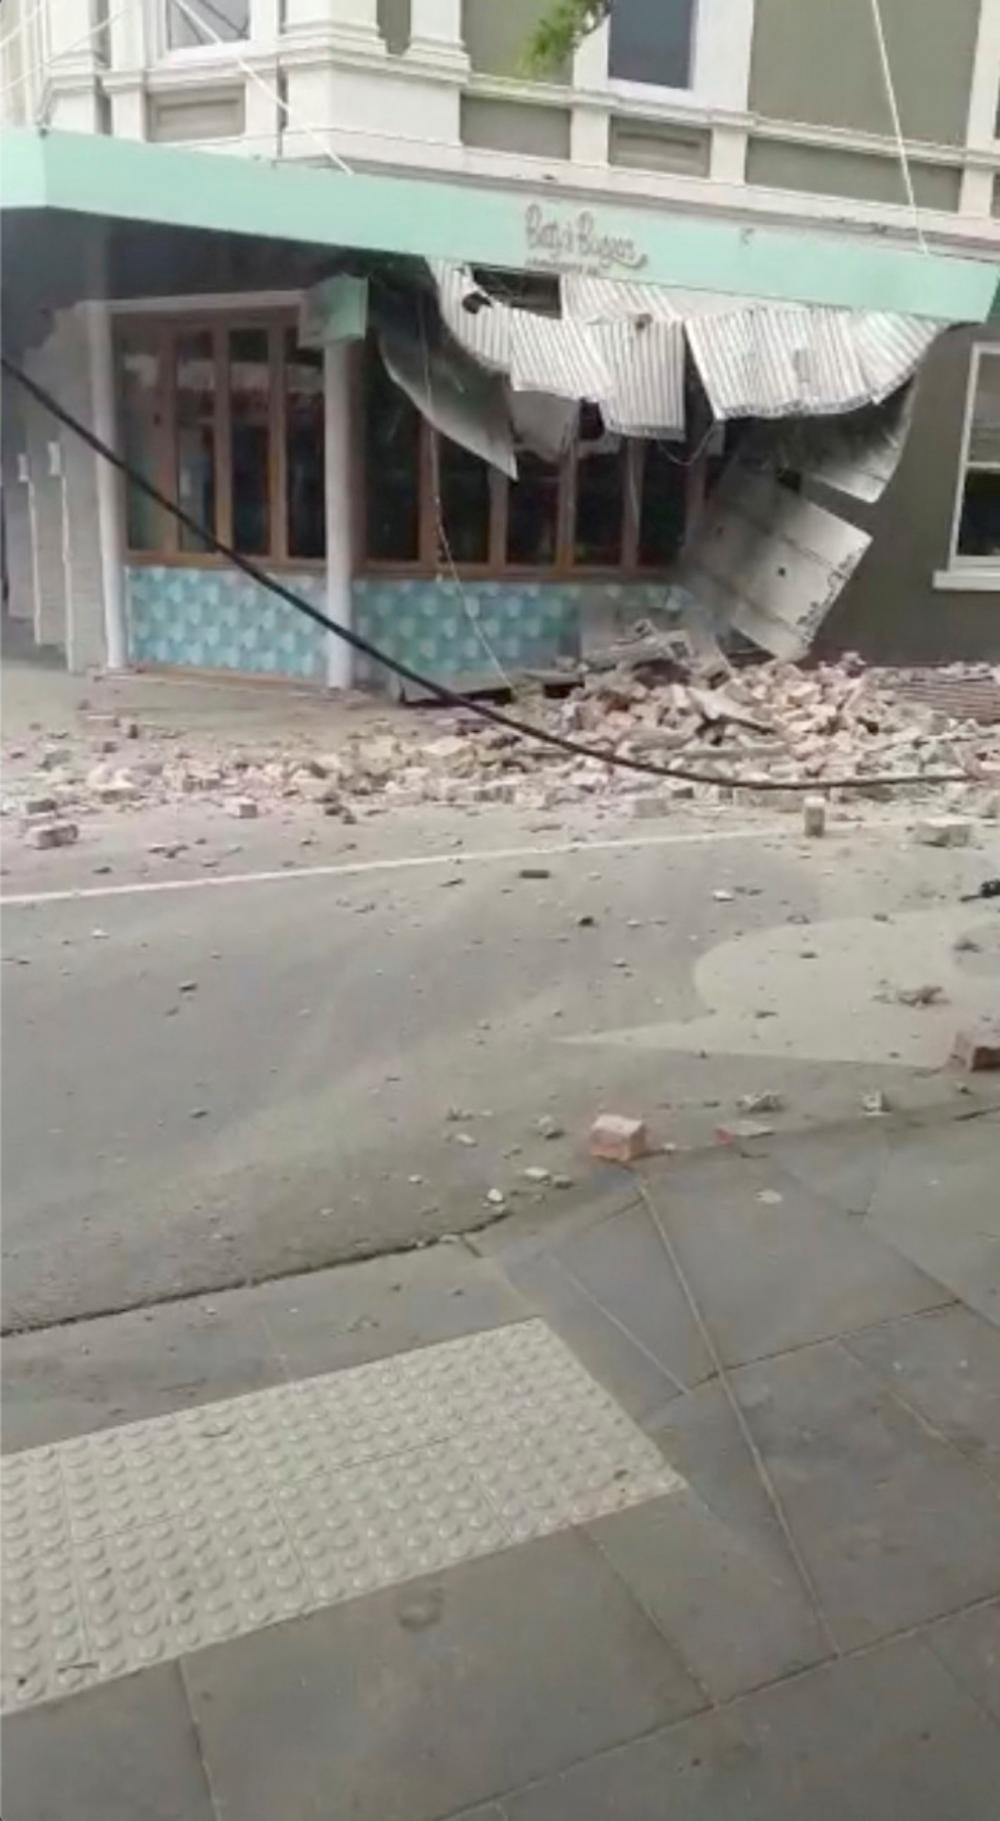 เกิดแผ่นดินไหวรุนแรงขนาด 5.9 เขย่าเมืองเมลเบิร์น ในประเทศออสเตรเลีย เมื่อเช้าวันที่ 22 ก.ย. 64 มีอาคารบ้านเรือนได้รับความเสียหาย